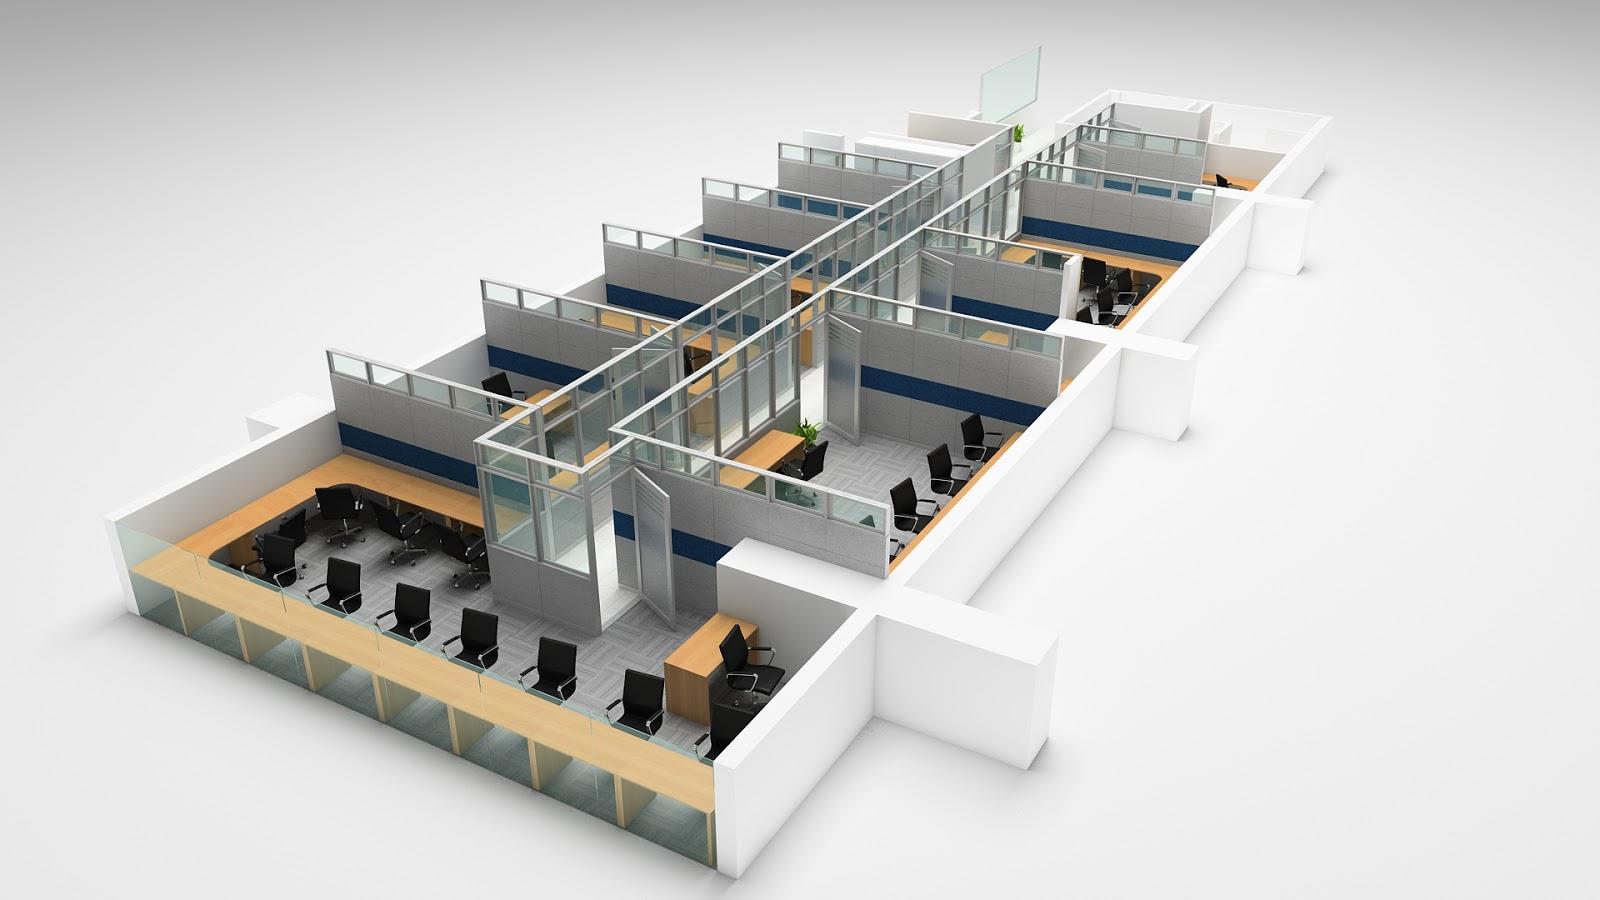 Taty joo 3d design oficinas estudio colmenares for Distribucion de oficinas en una empresa